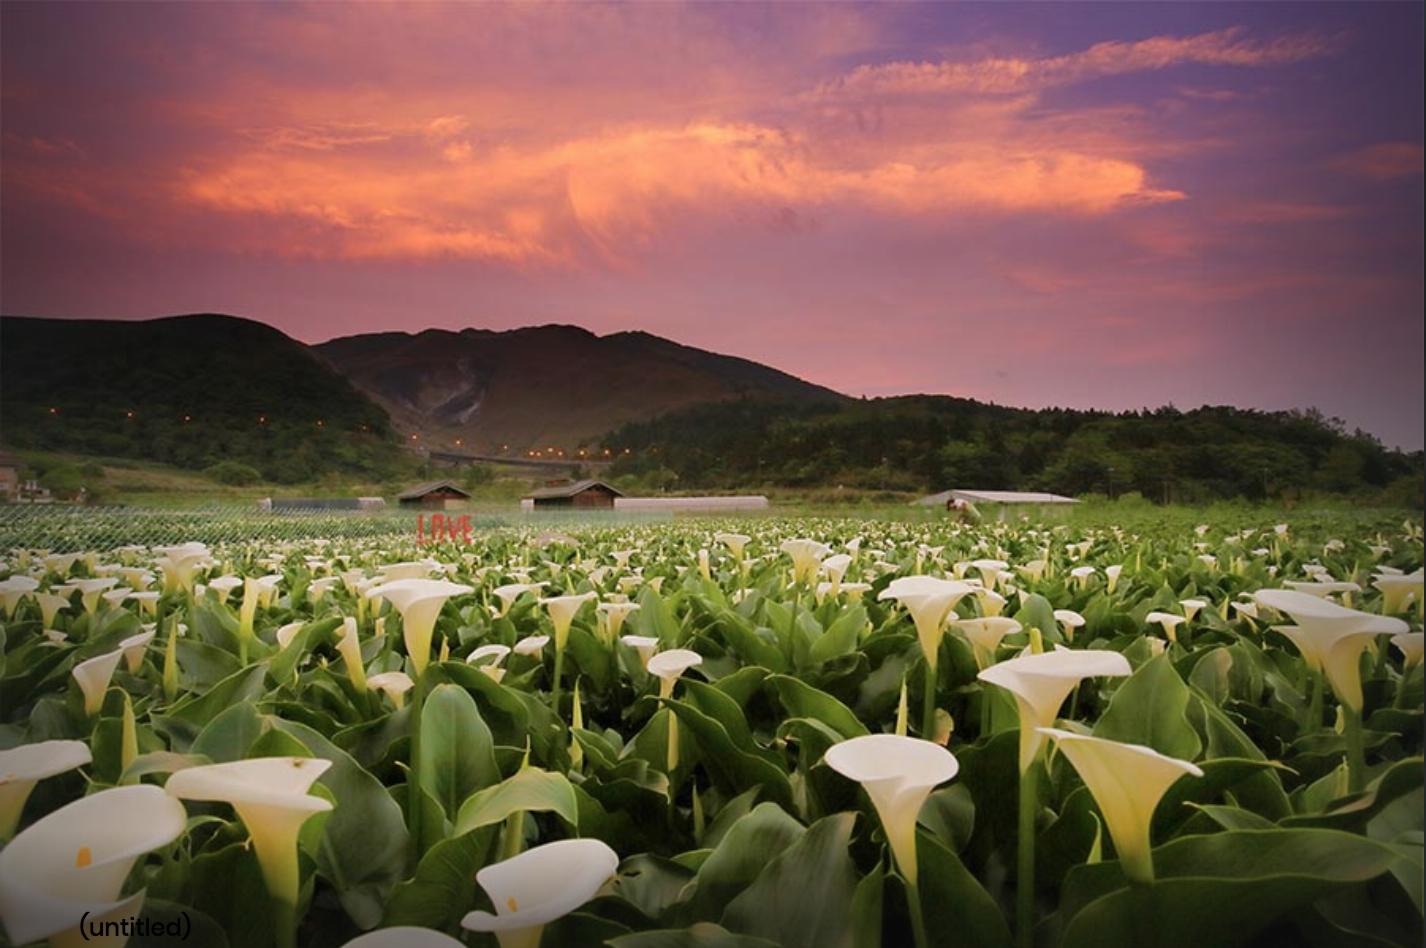 海芋有「雄偉之美」和「潔淨」兩種不同的花語。圖:取自2019竹子湖海芋季數數海芋網站